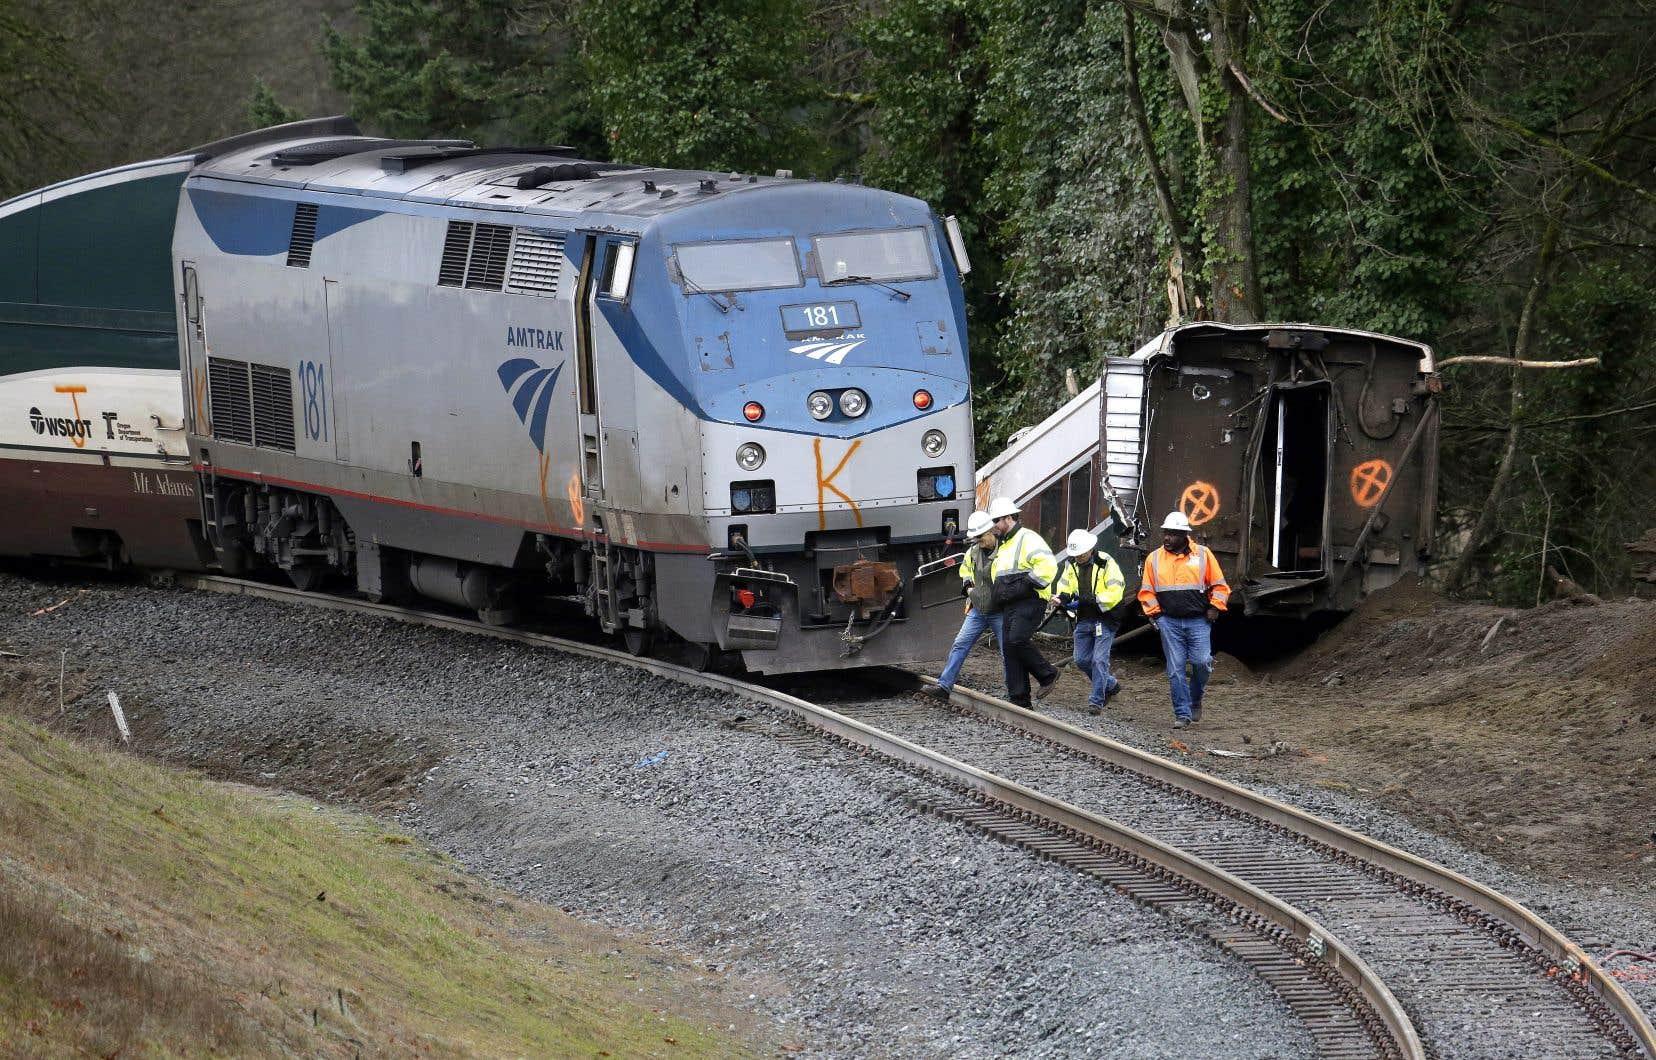 Le train 501, qui assurait la liaison entre Seattle et Portland (Oregon), a déraillé juste avant de passer sur un pont ferroviaire, au nord d'Olympia, la capitale de l'État de Washington.